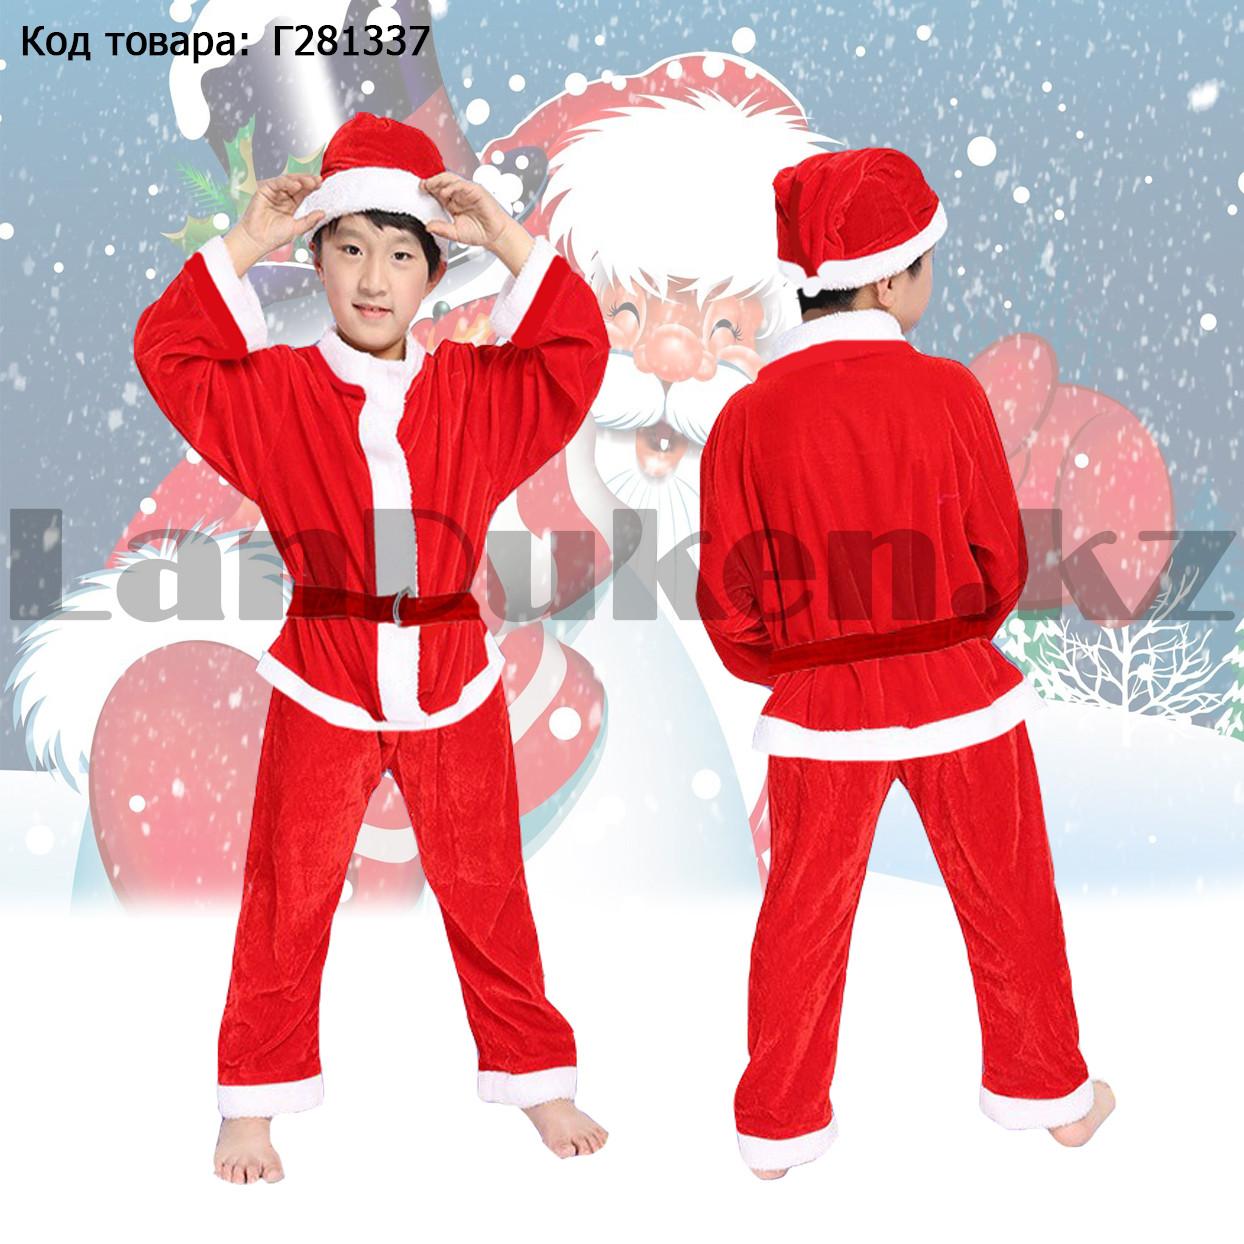 Костюм детский карнавальный раздельный Деда Мороза Аяз Ата красный - фото 1